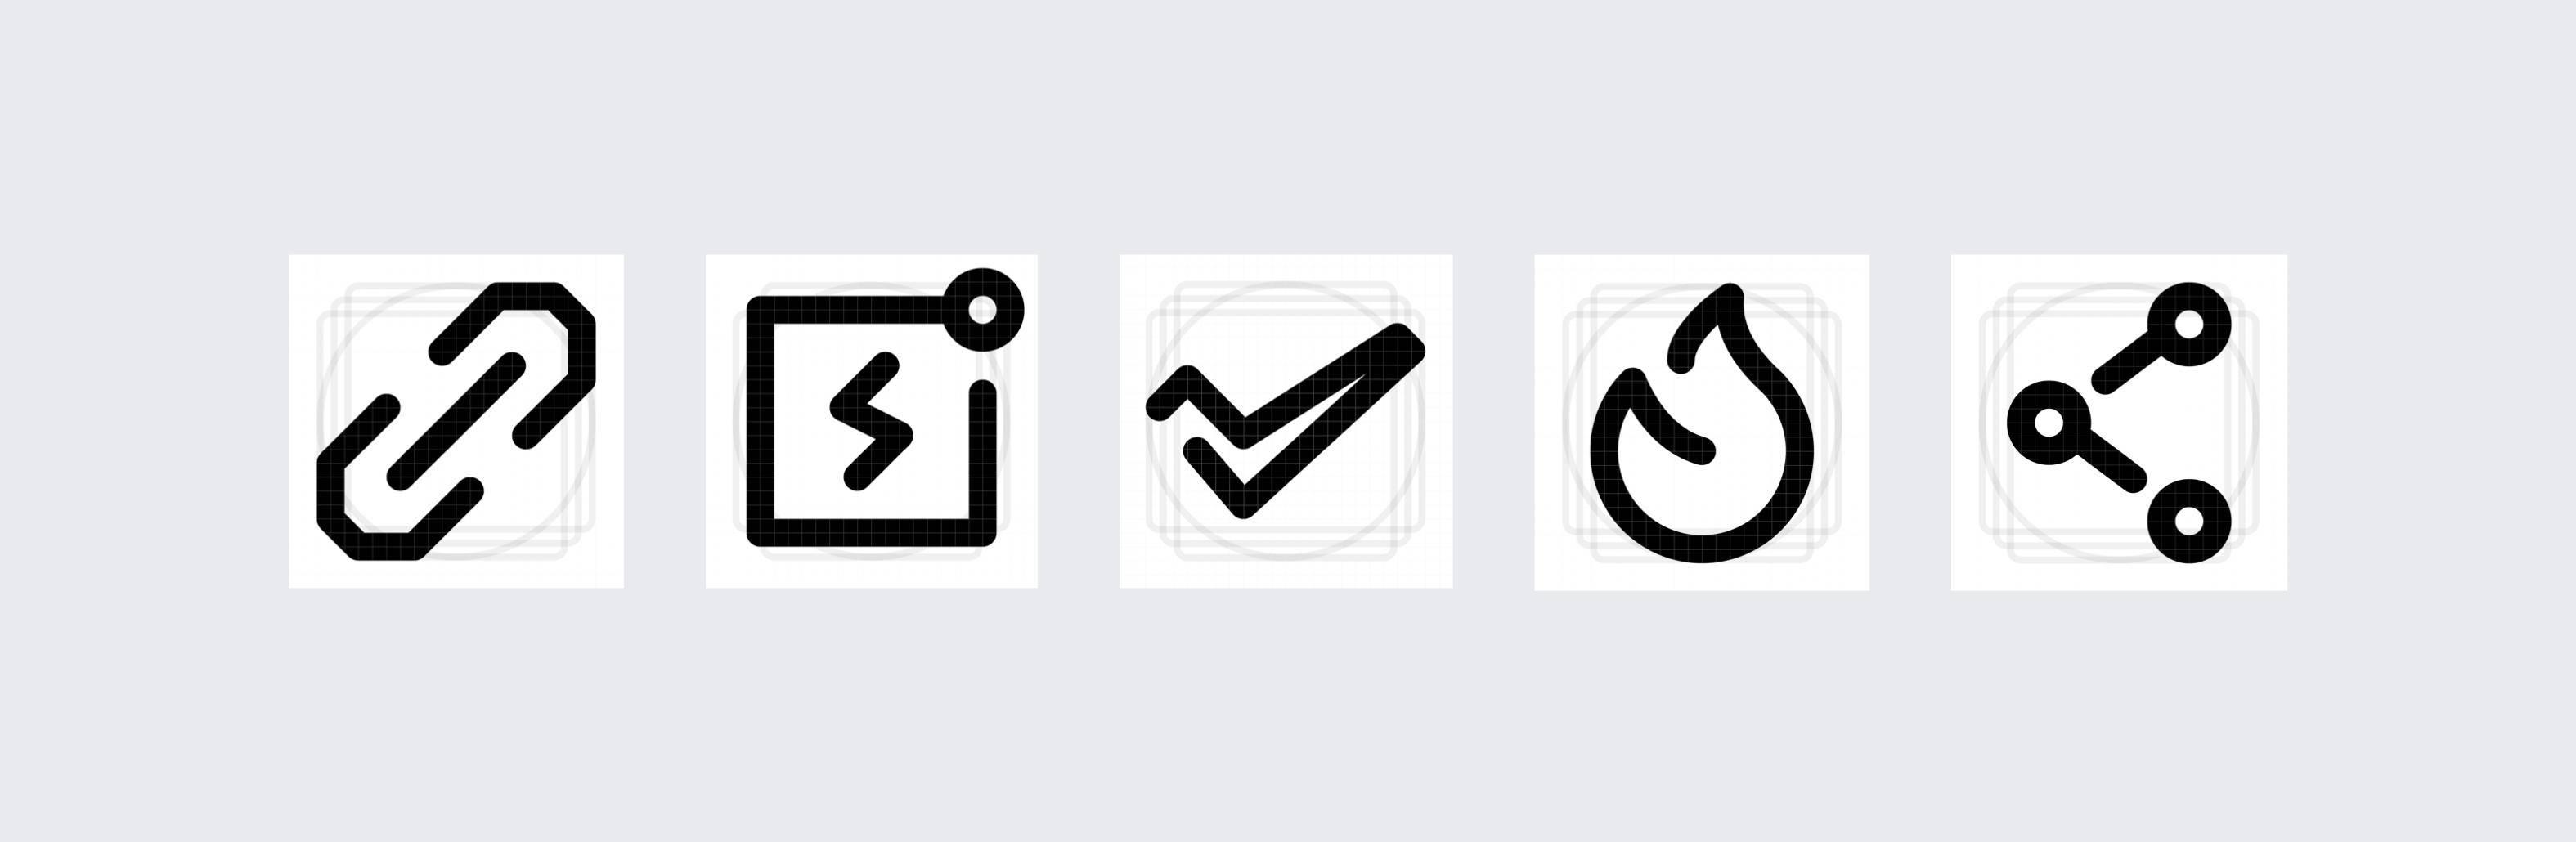 单个图标简单,但一套系统图标你能设计好吗?